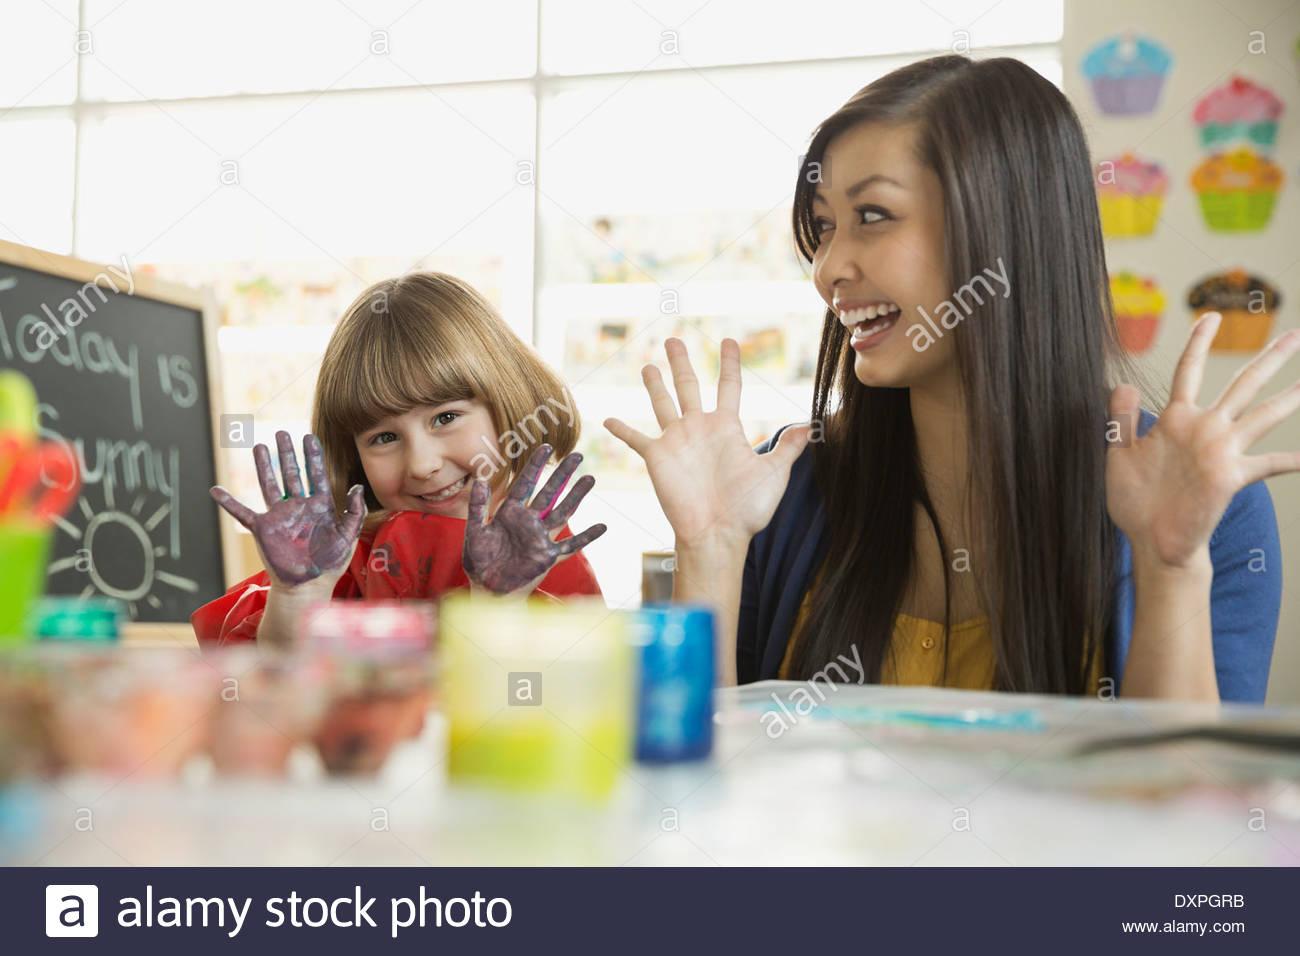 Profesor con chica pintar con los dedos en la clase de arte Imagen De Stock